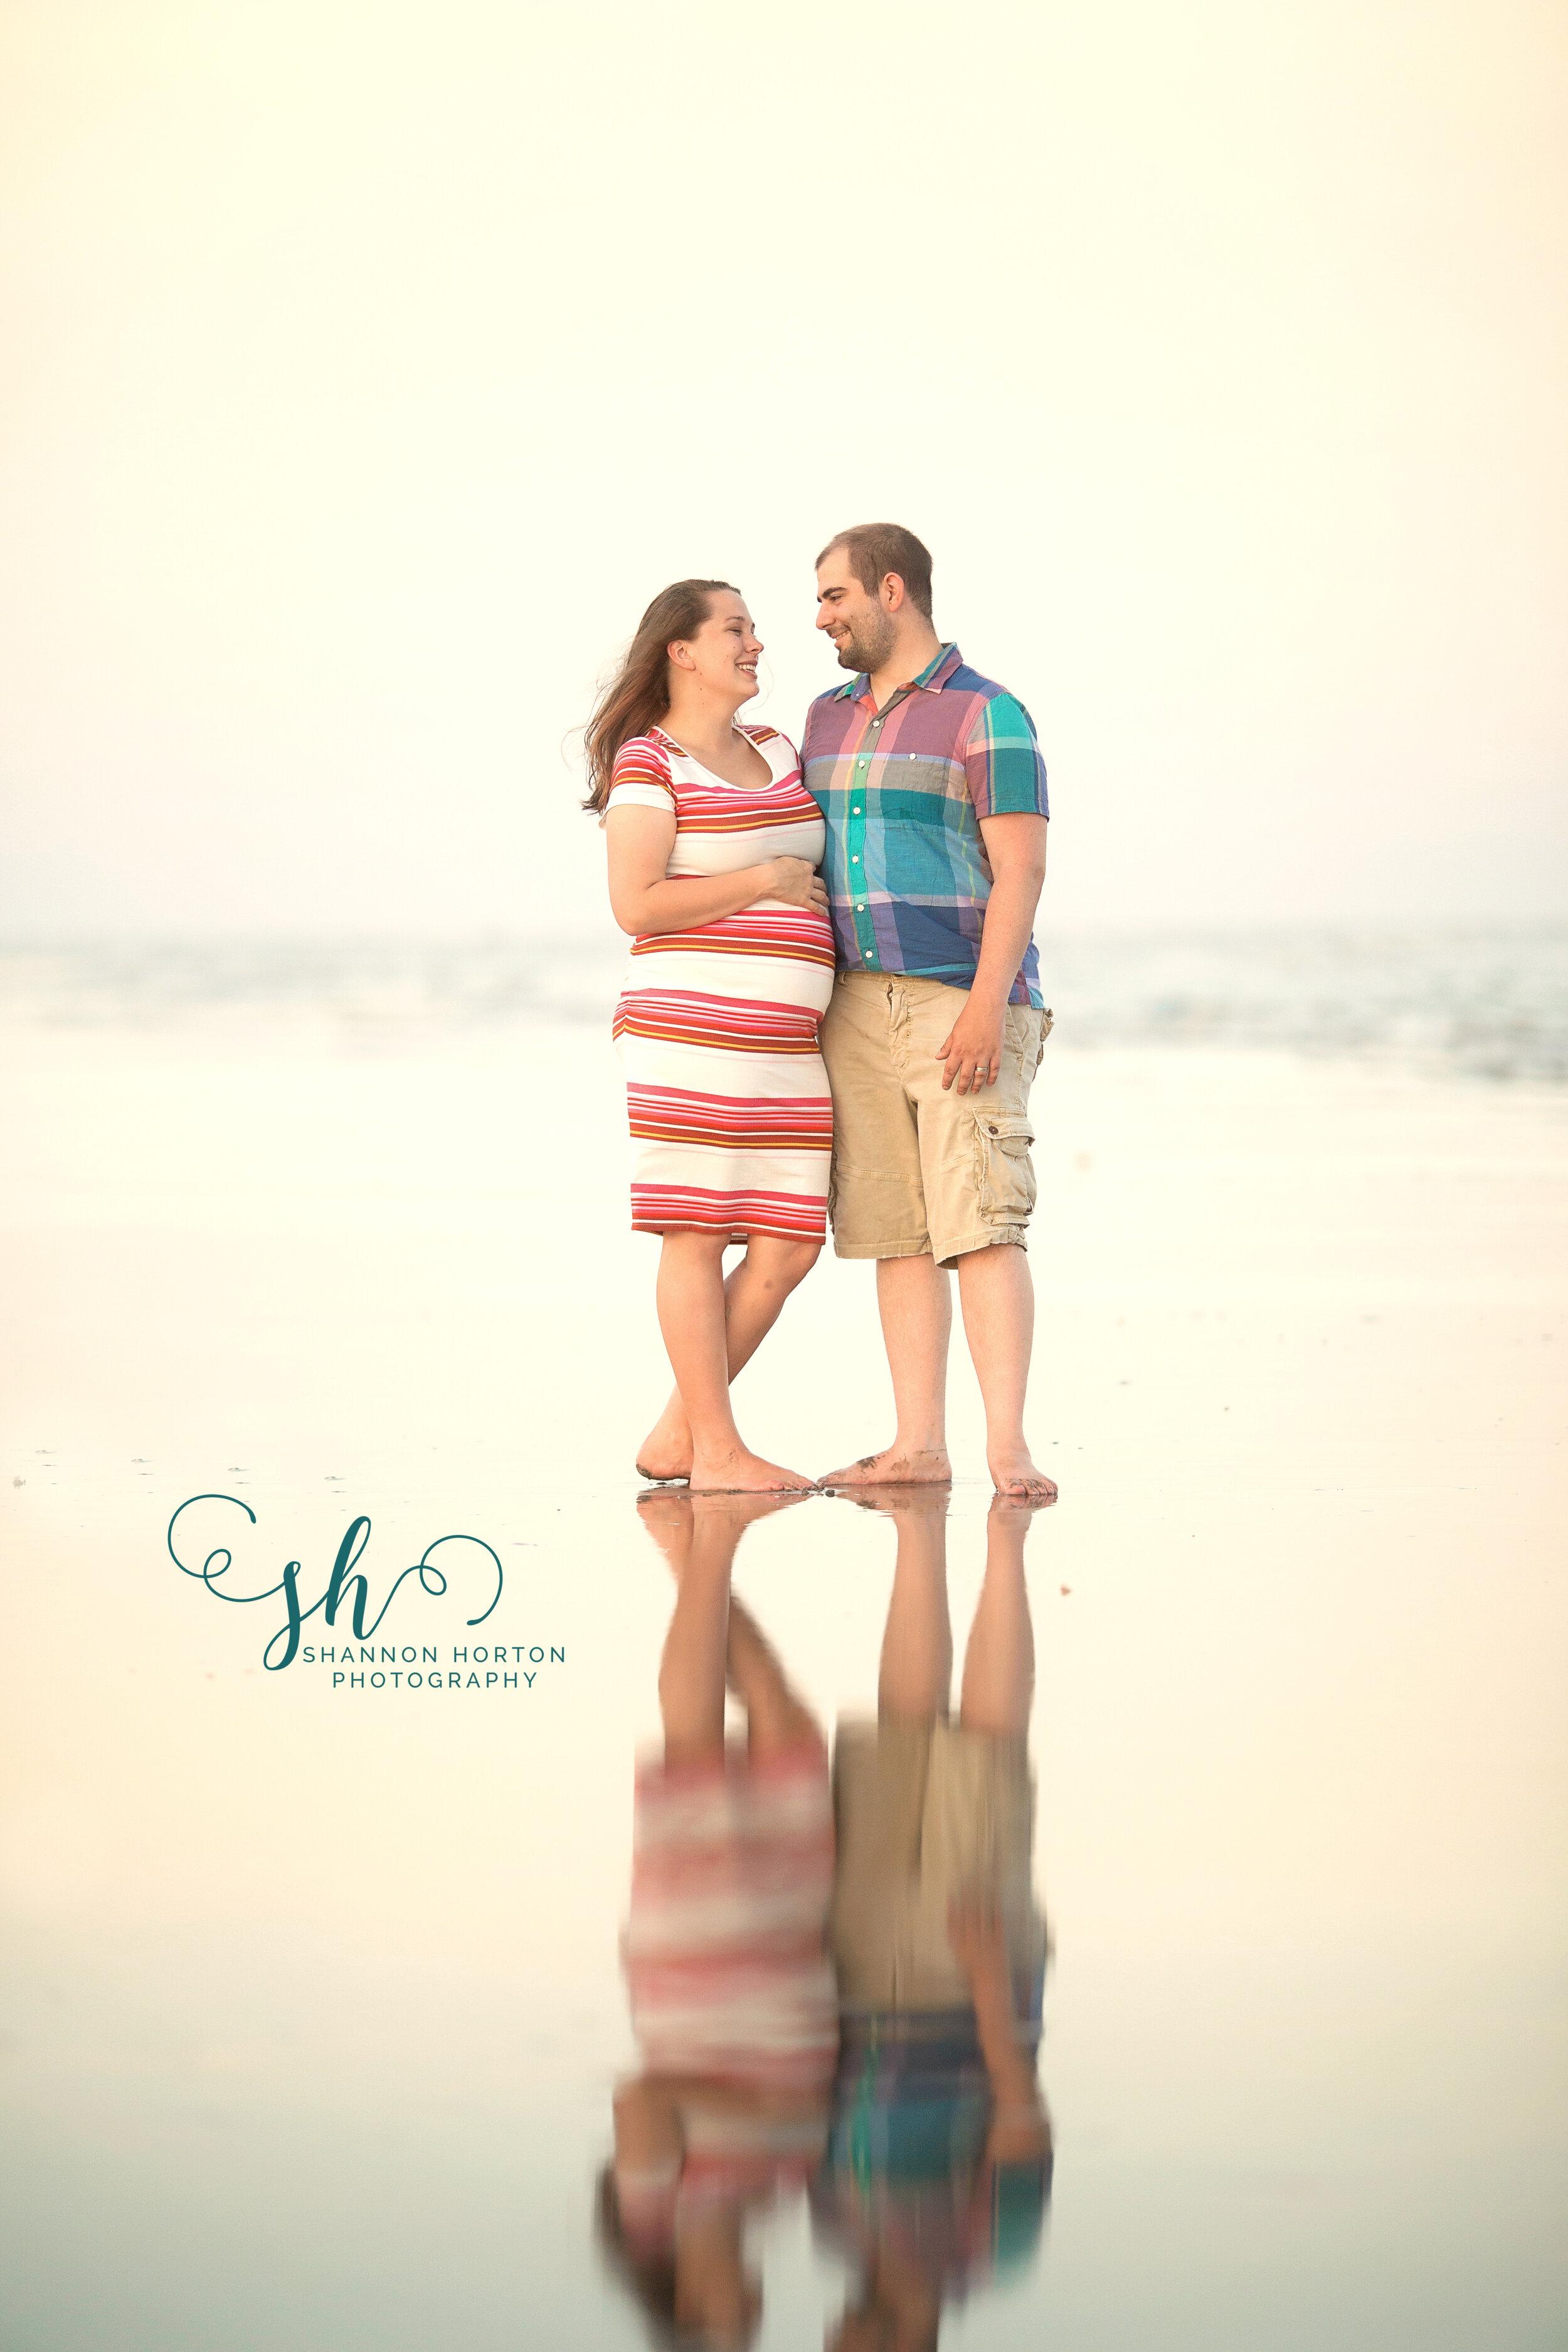 expectant-couple-face-each-other-on-beach